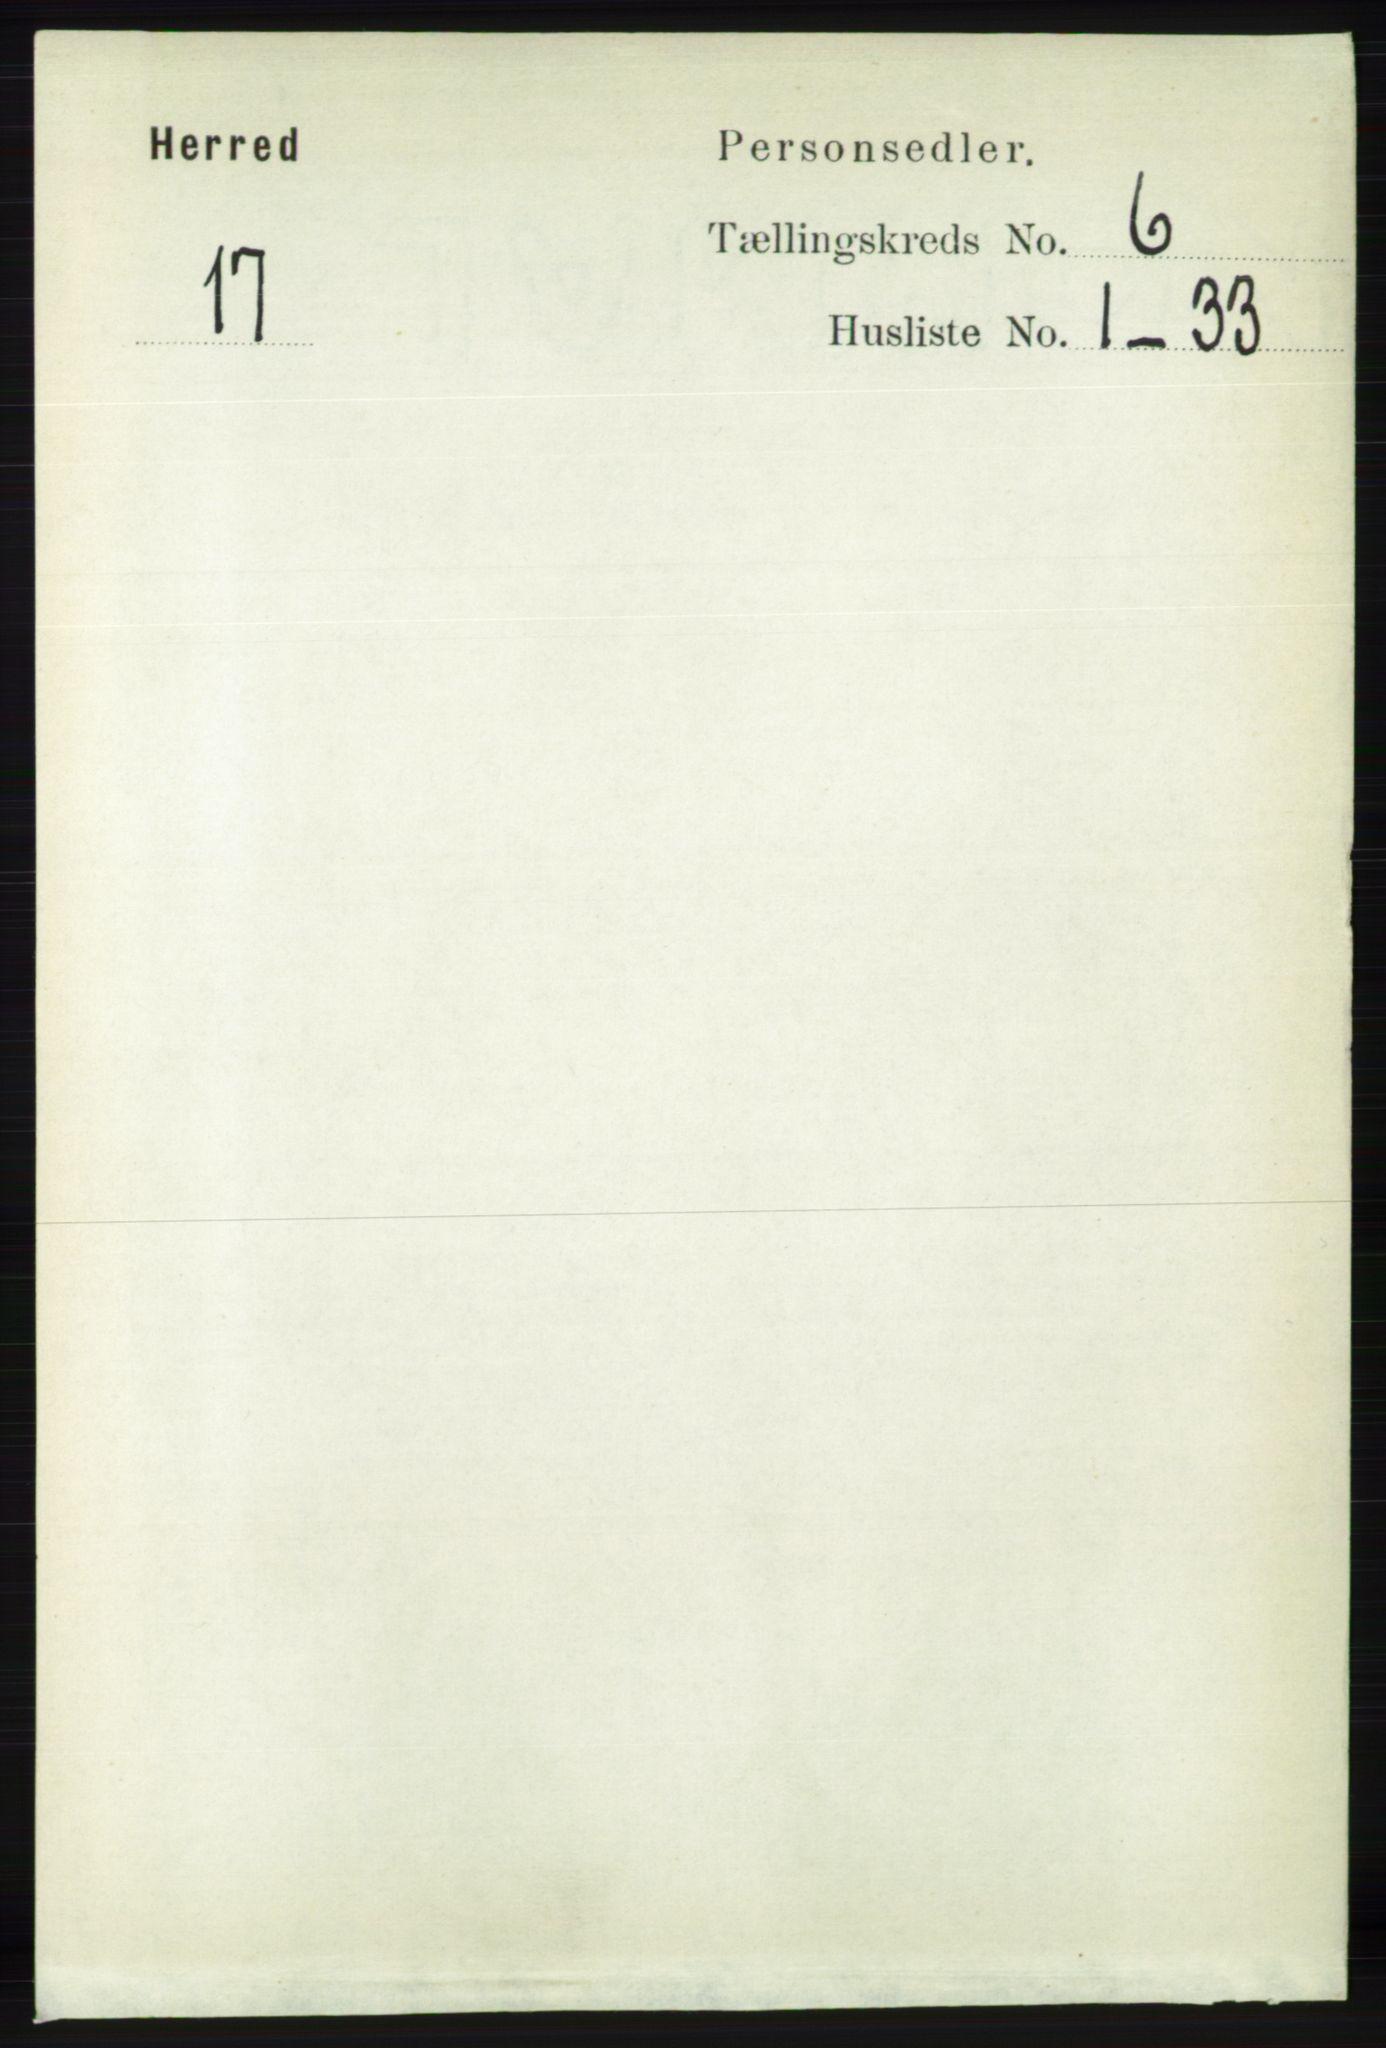 RA, Folketelling 1891 for 1039 Herad herred, 1891, s. 2301